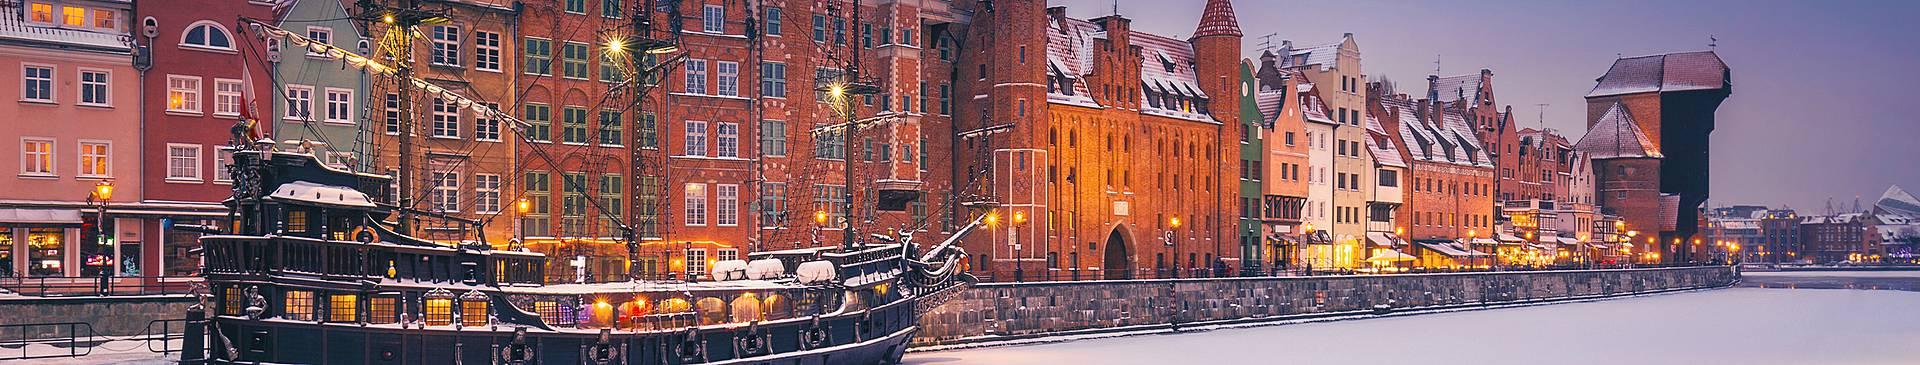 Viaggi in Polonia in inverno